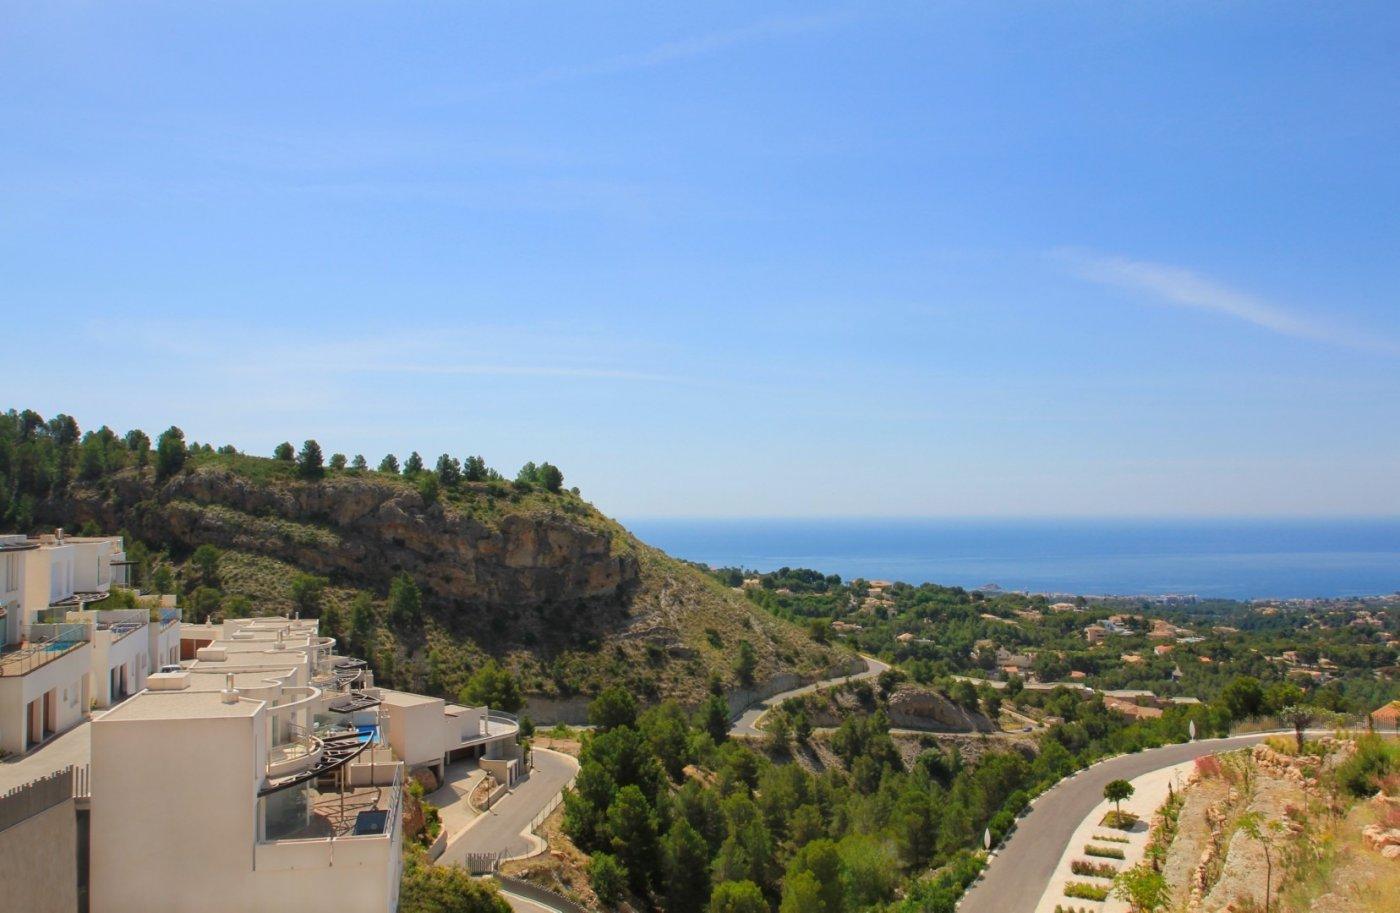 Villa de obra nueva en altea con vistas al mar!!! - imagenInmueble3